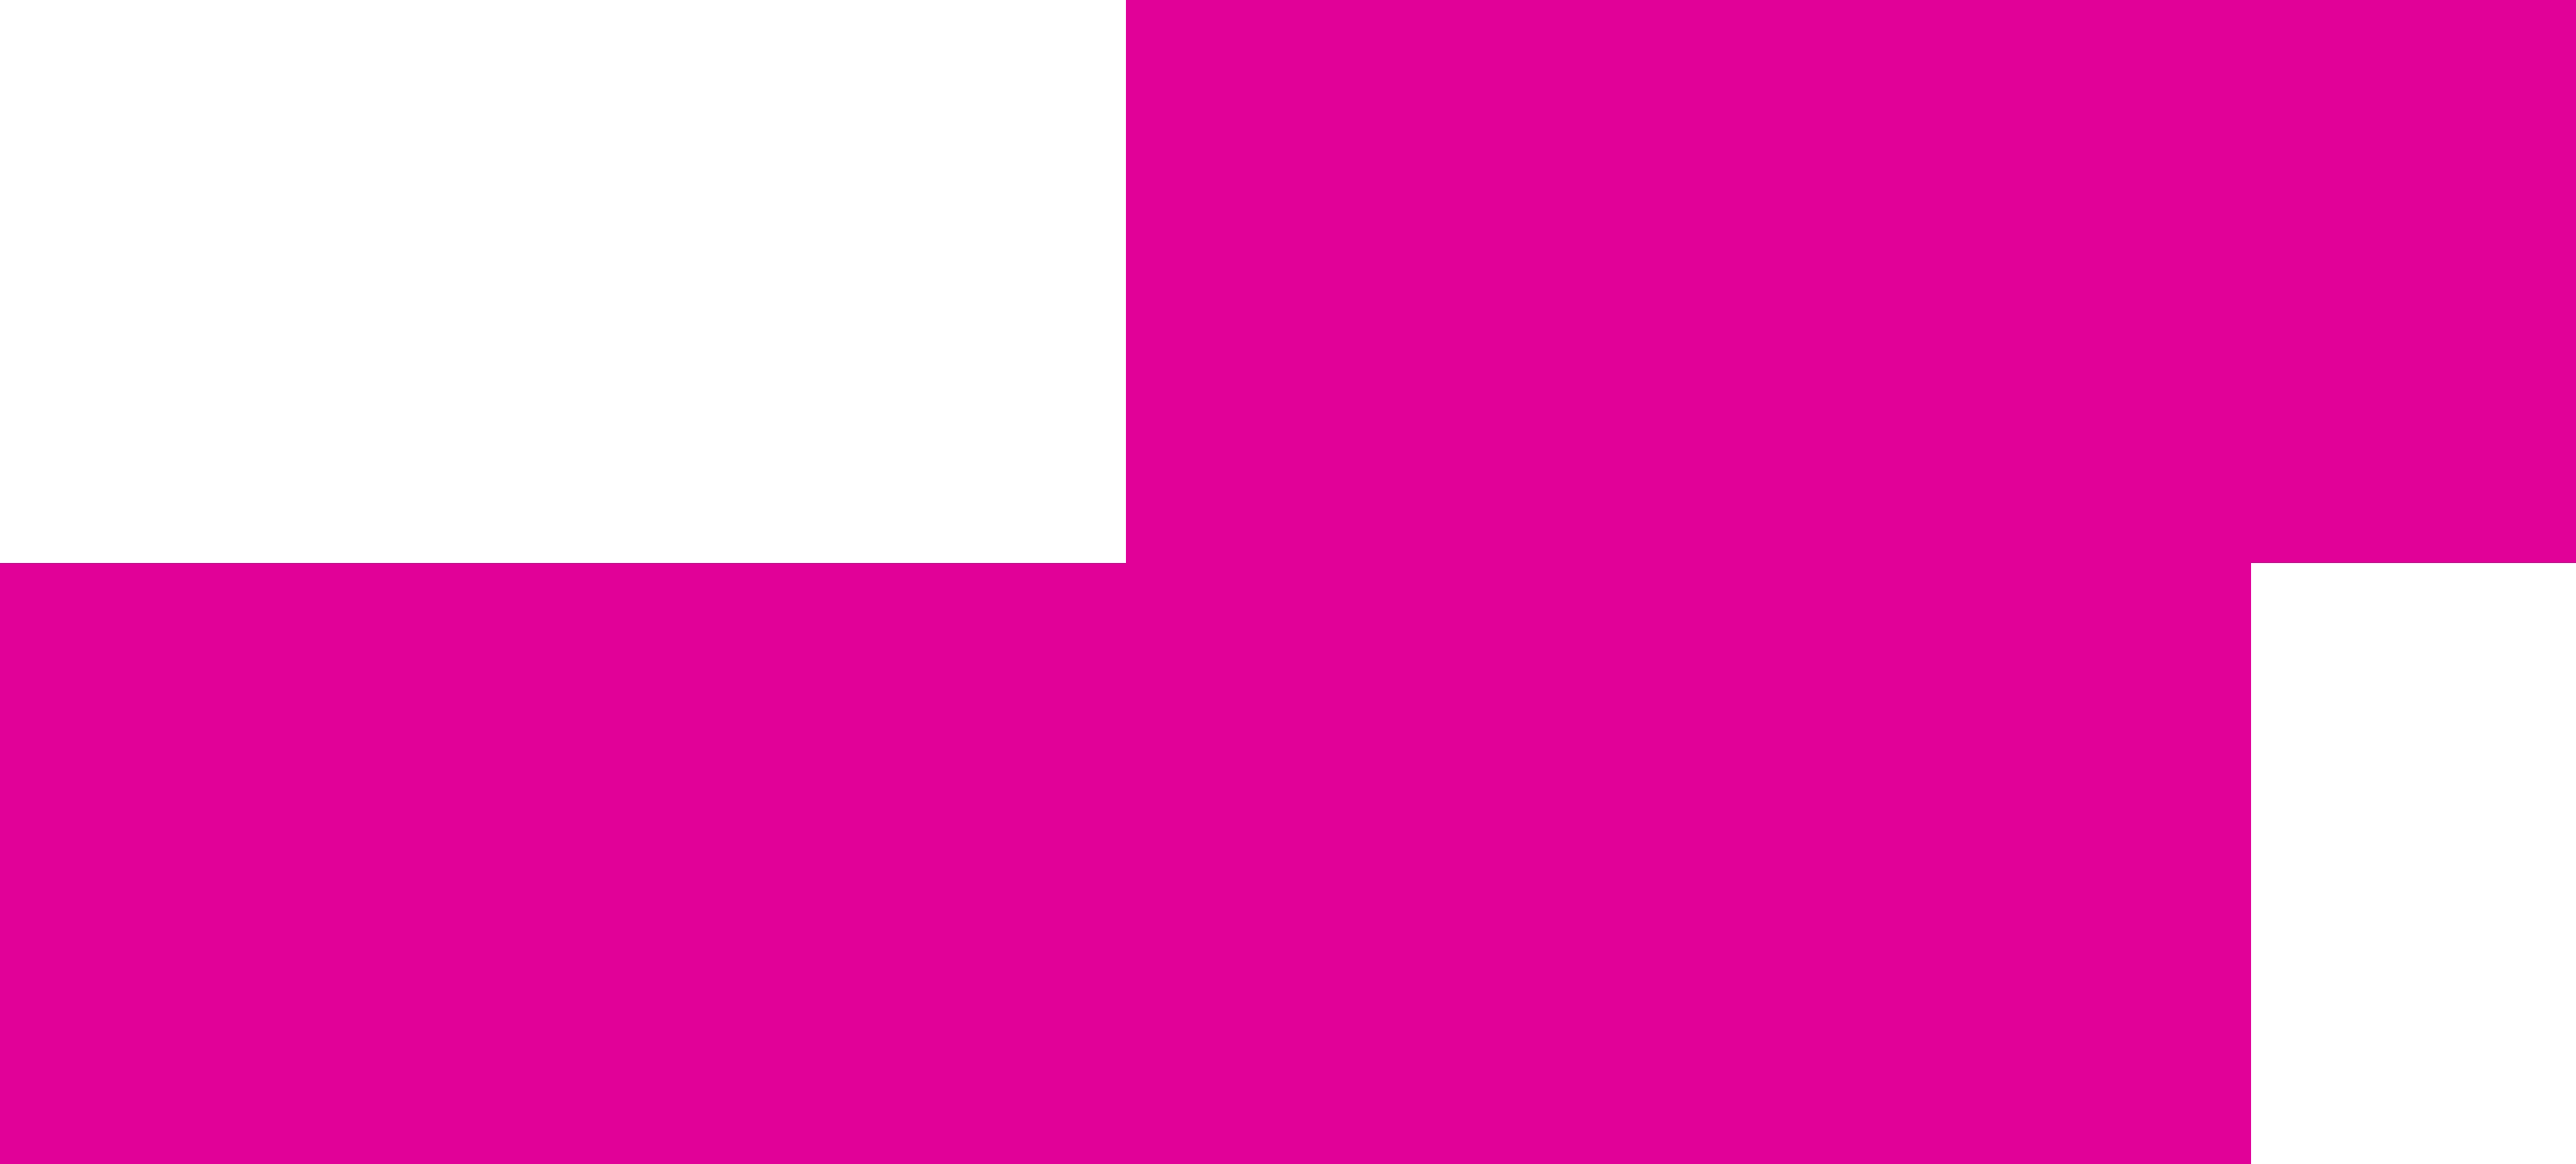 hum-nutrition_logo_notag-pink_original.original.png